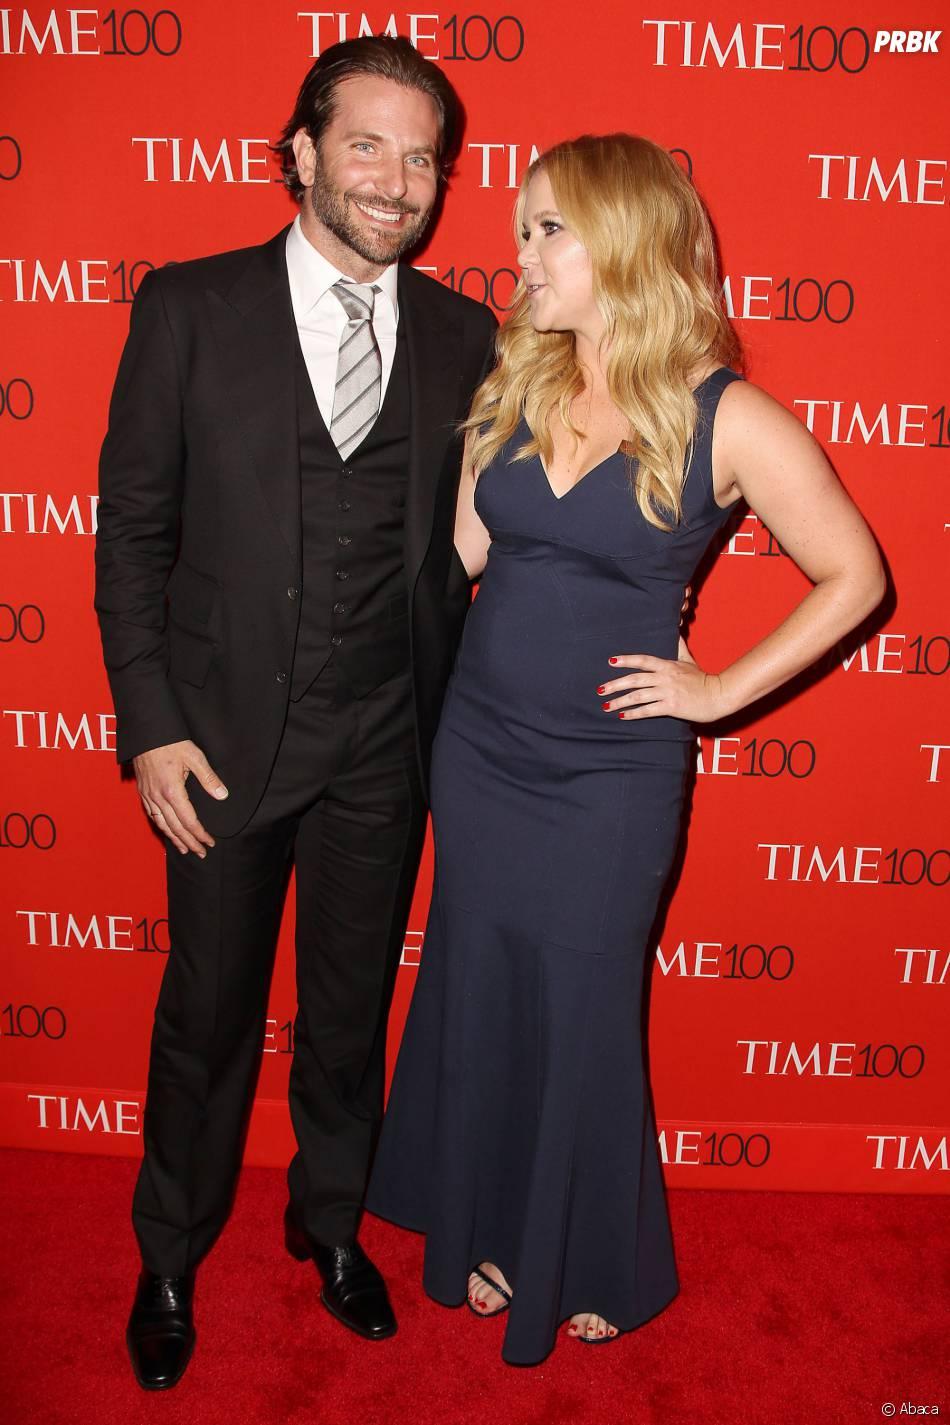 Bradley Cooper et Amy Schumer sur le tapis rouge de la soirée du Time Magazine en l'honneur du top 100 des personnalités les plus influentes du monde, le 21 avril 2015 à New-York